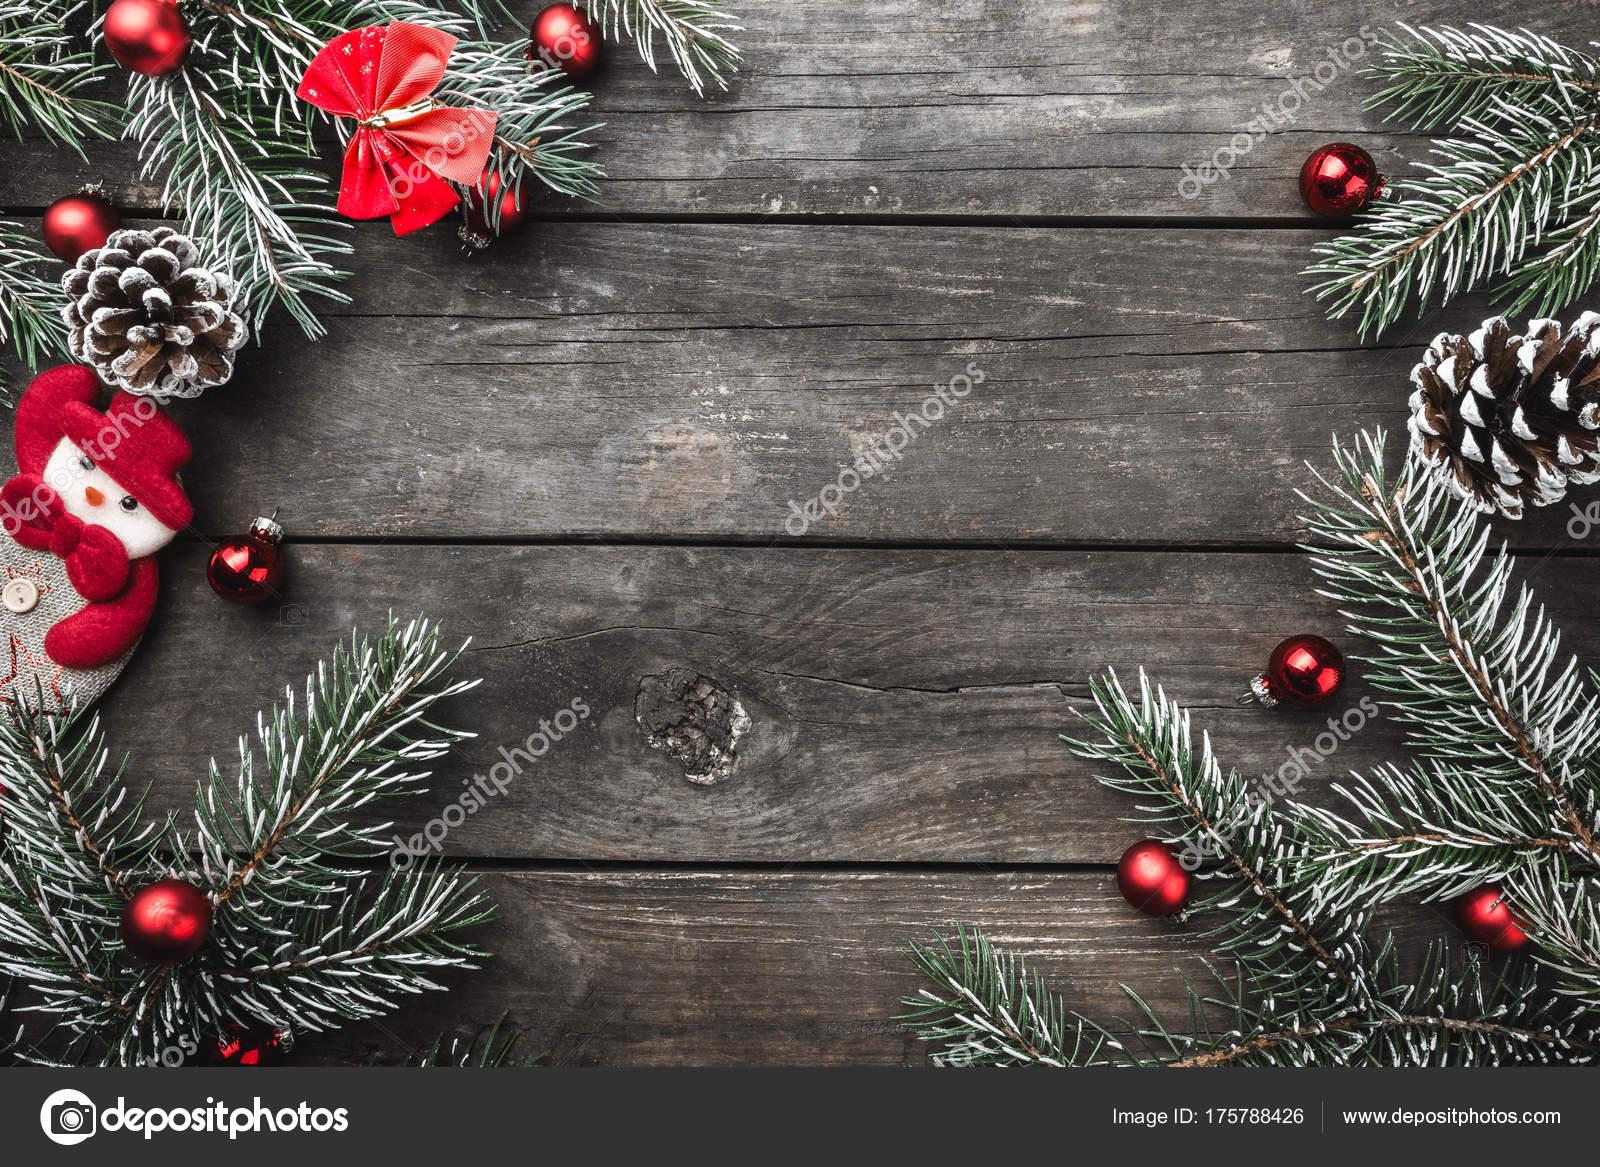 Carte Image Noel.Carte Noel Sur Fond Bois Vieux Branches Sapin Vert Jouets